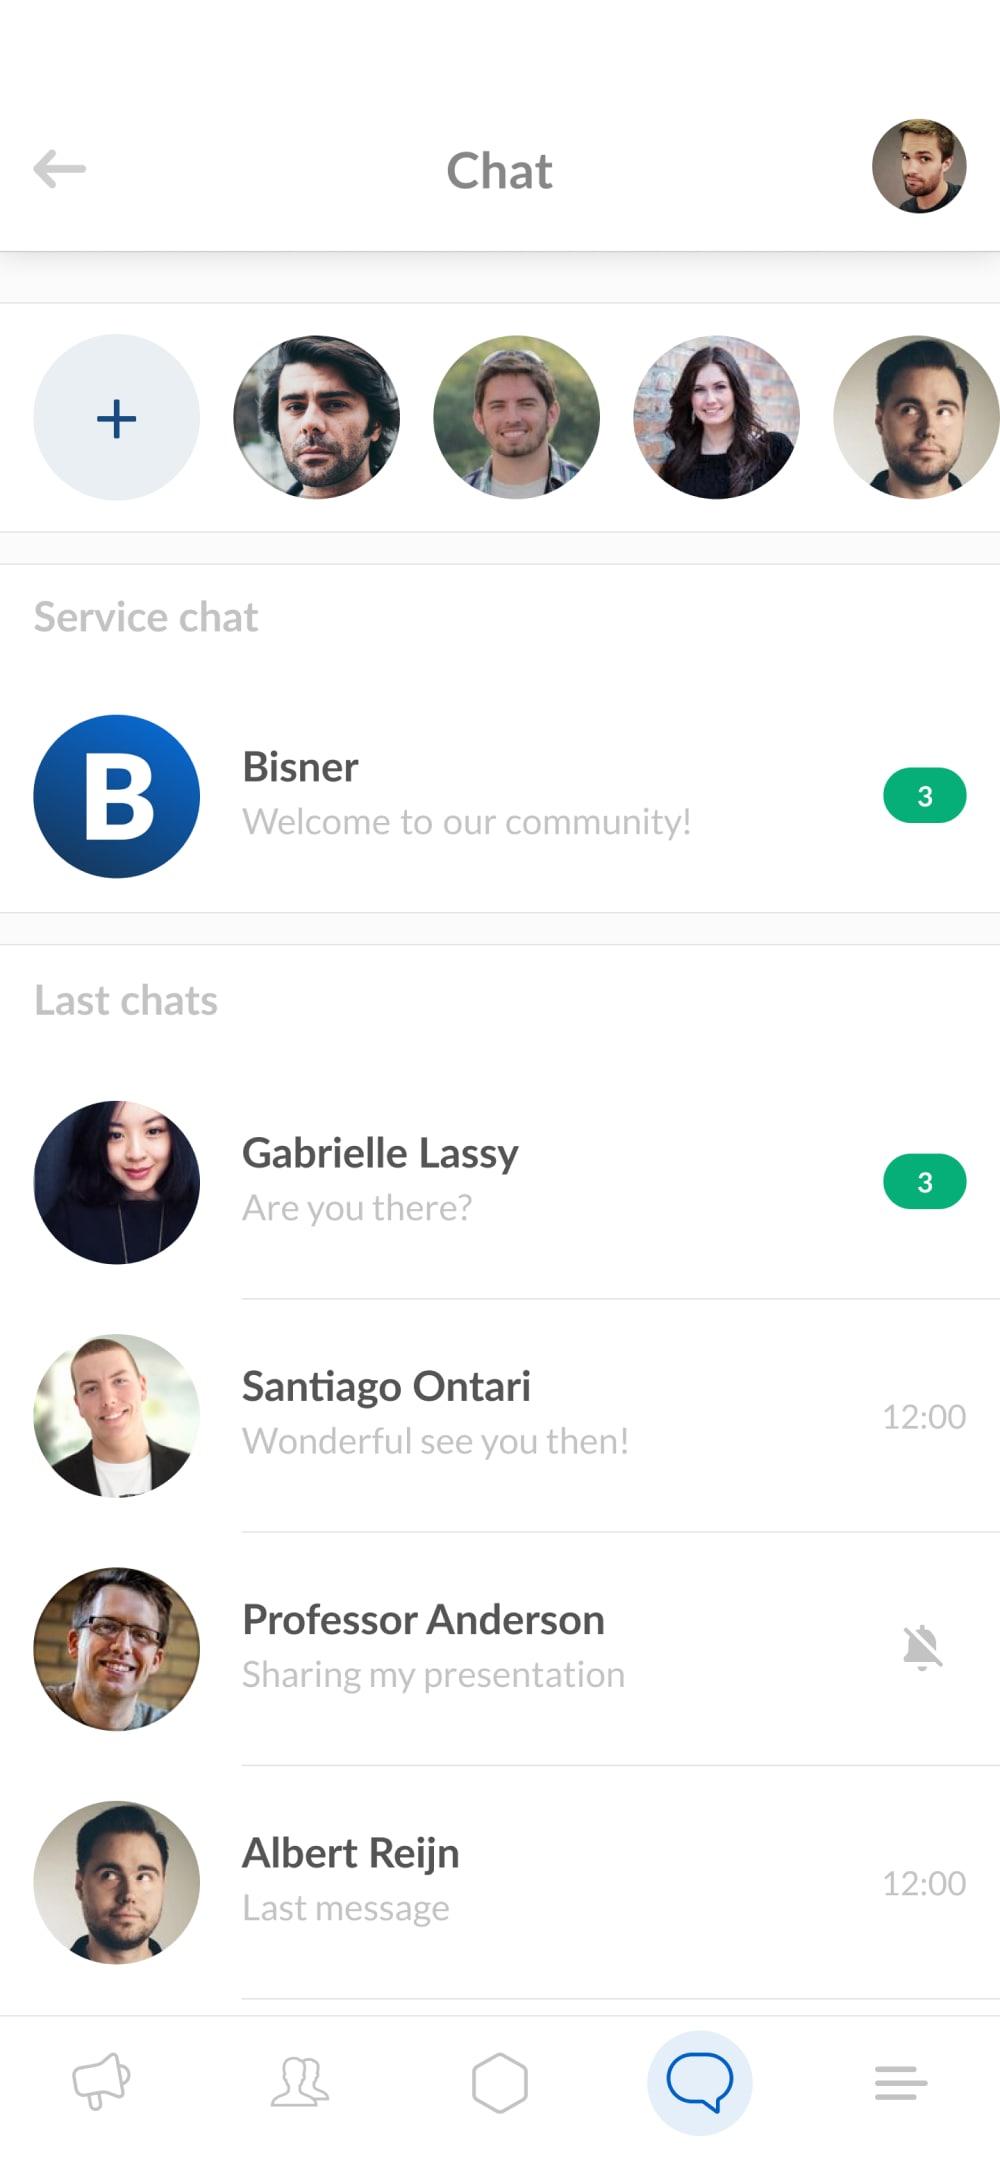 Bisner chat